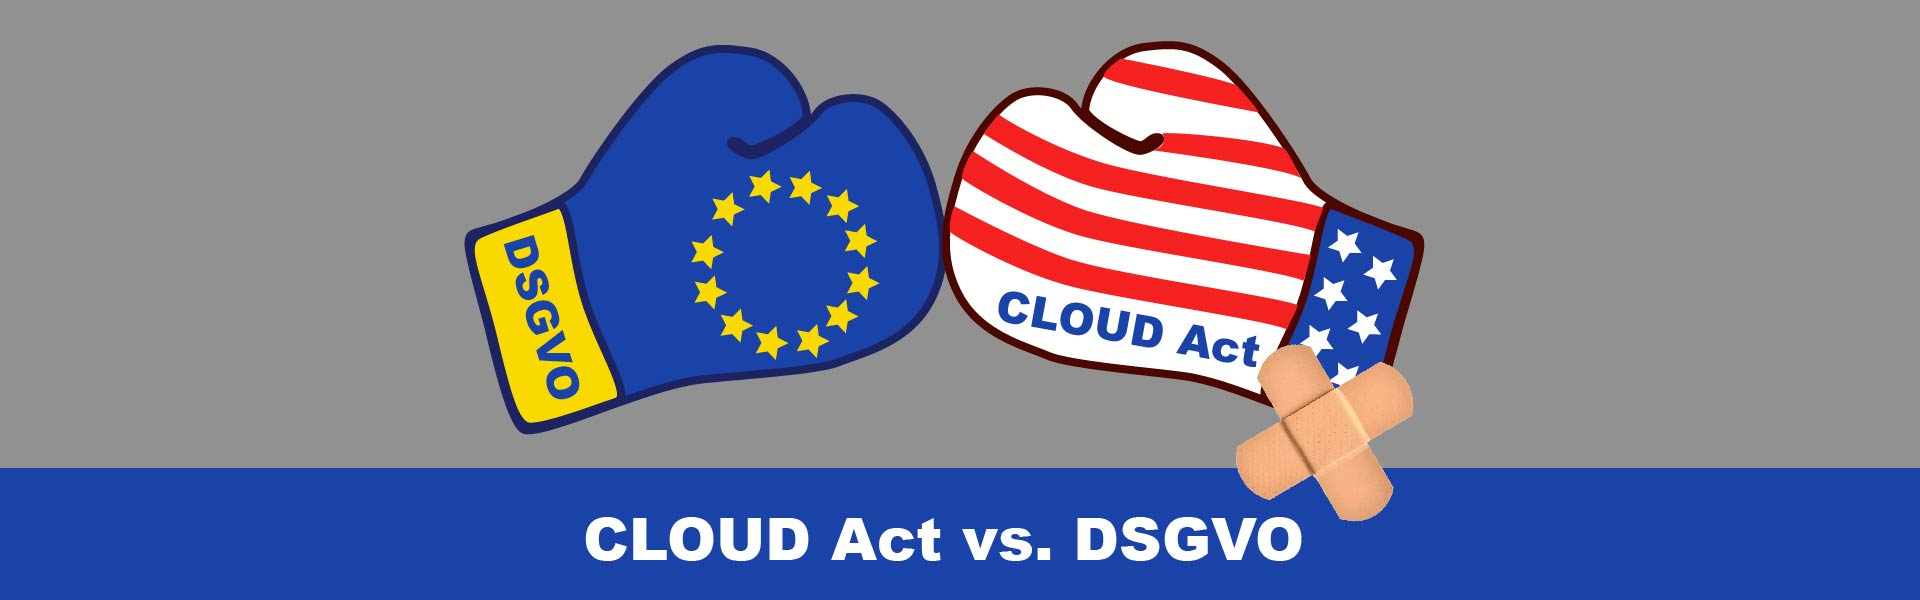 Cloud Act vs DSGVO